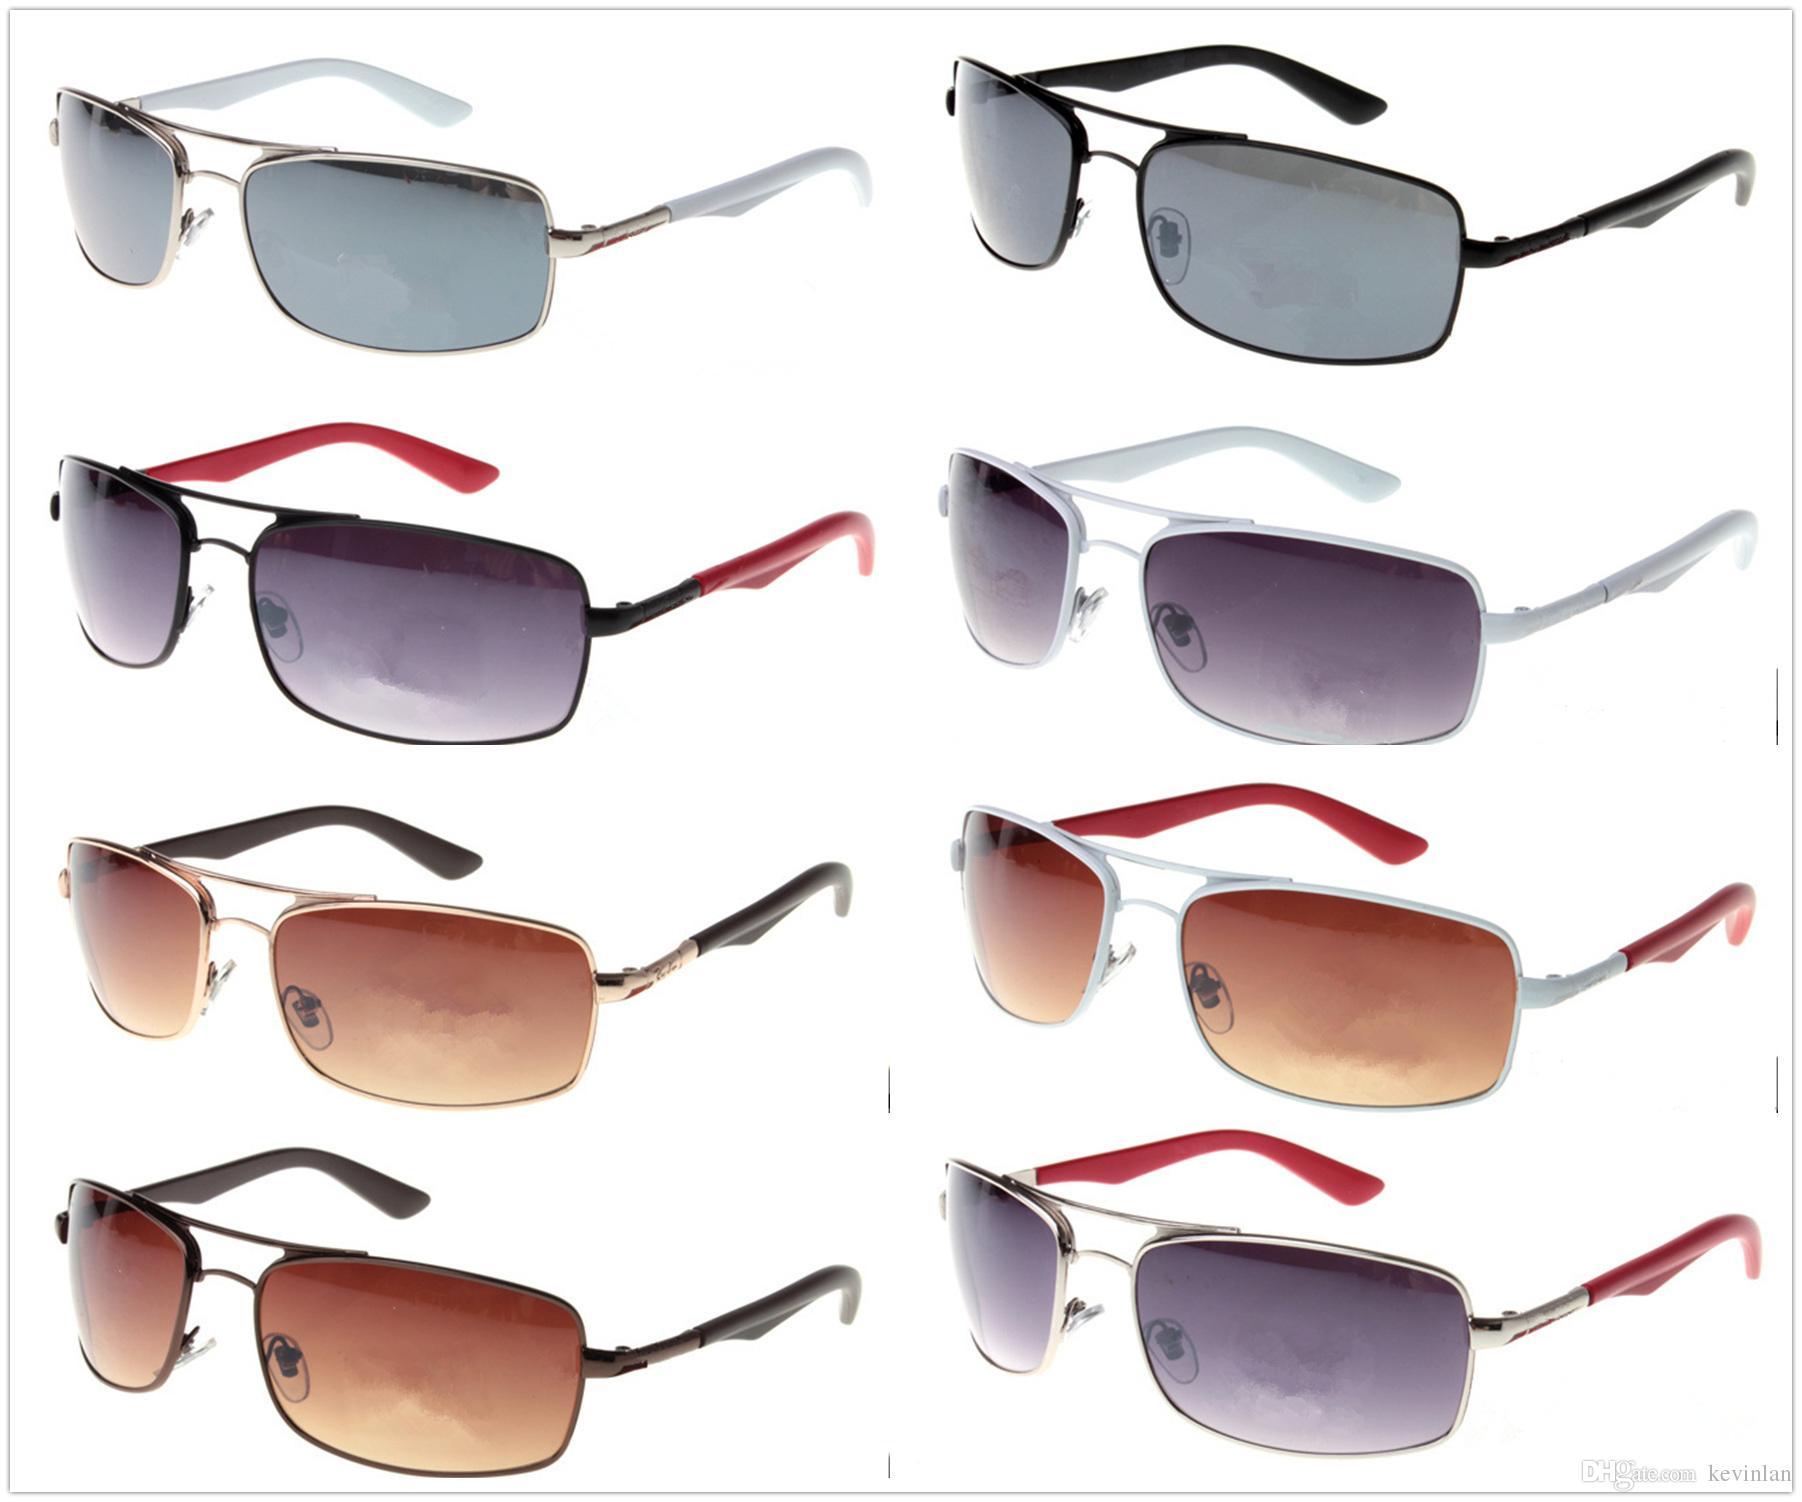 Yüksek Tam Ve Durumda Moda Güneş Gözlüğü toptan Kalite Çerçeve Kadınlar için Marka Erkekler Güneş Sürüş Kutusu Bisiklet Tasarımcısı ve Gözlük Njjnh